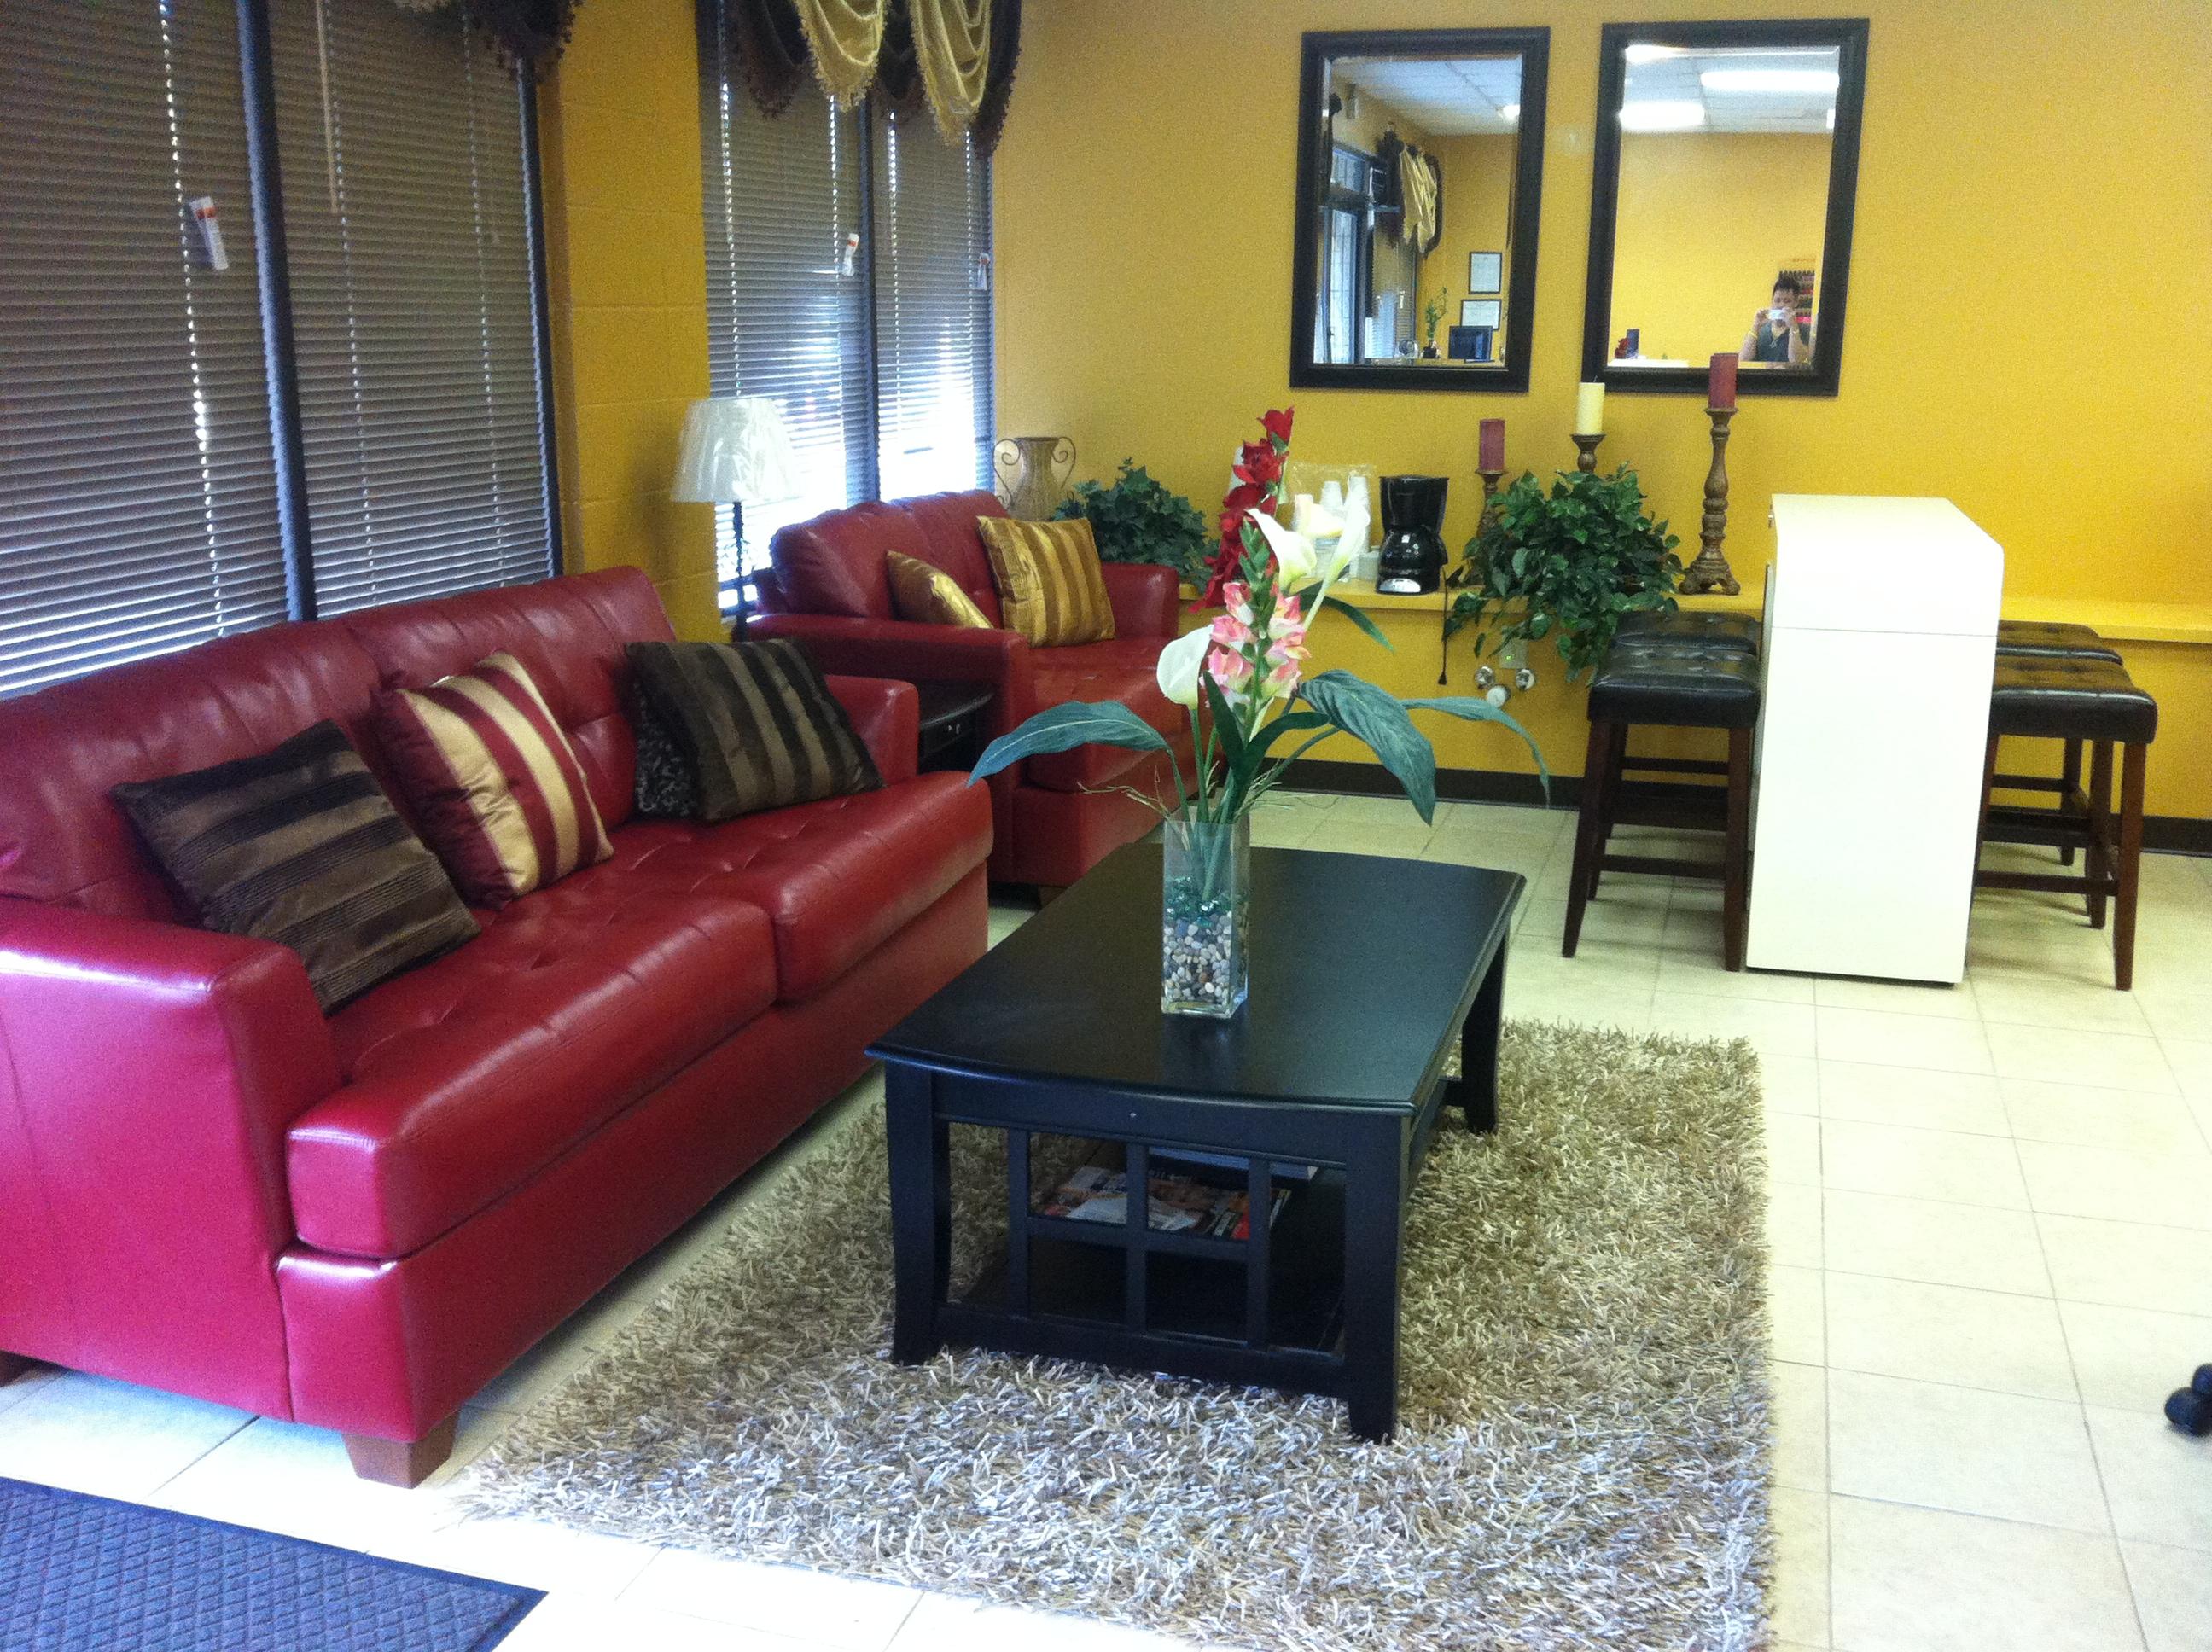 Sassy Nails 6469 Quivira Rd, Shawnee, KS 66216 - YP.com